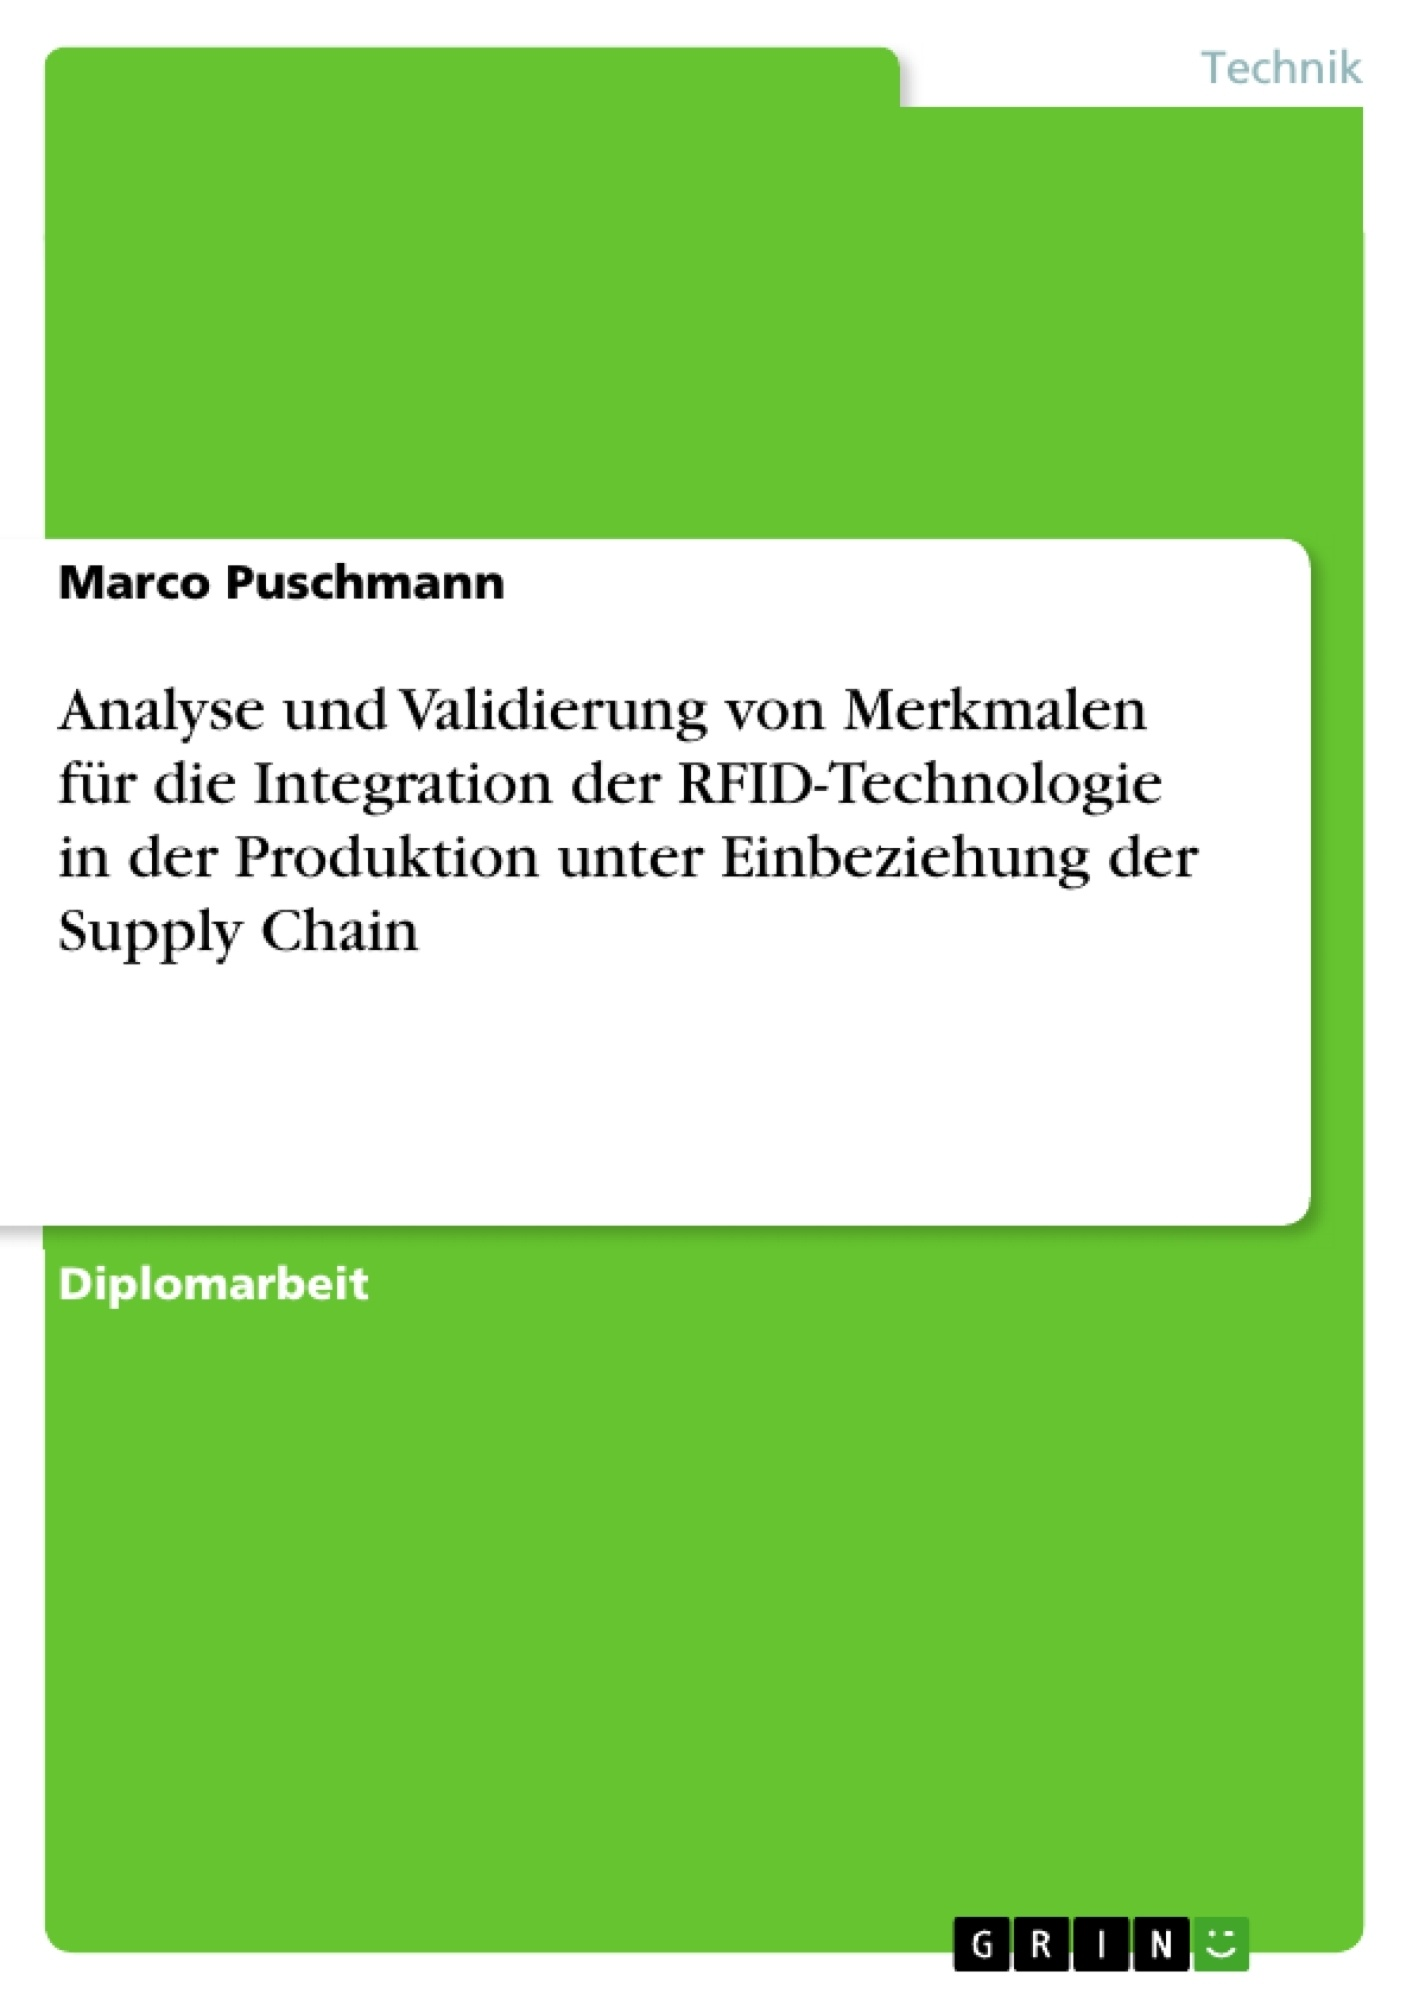 Titel: Analyse und Validierung von Merkmalen für die Integration der RFID-Technologie in der Produktion unter Einbeziehung der Supply Chain